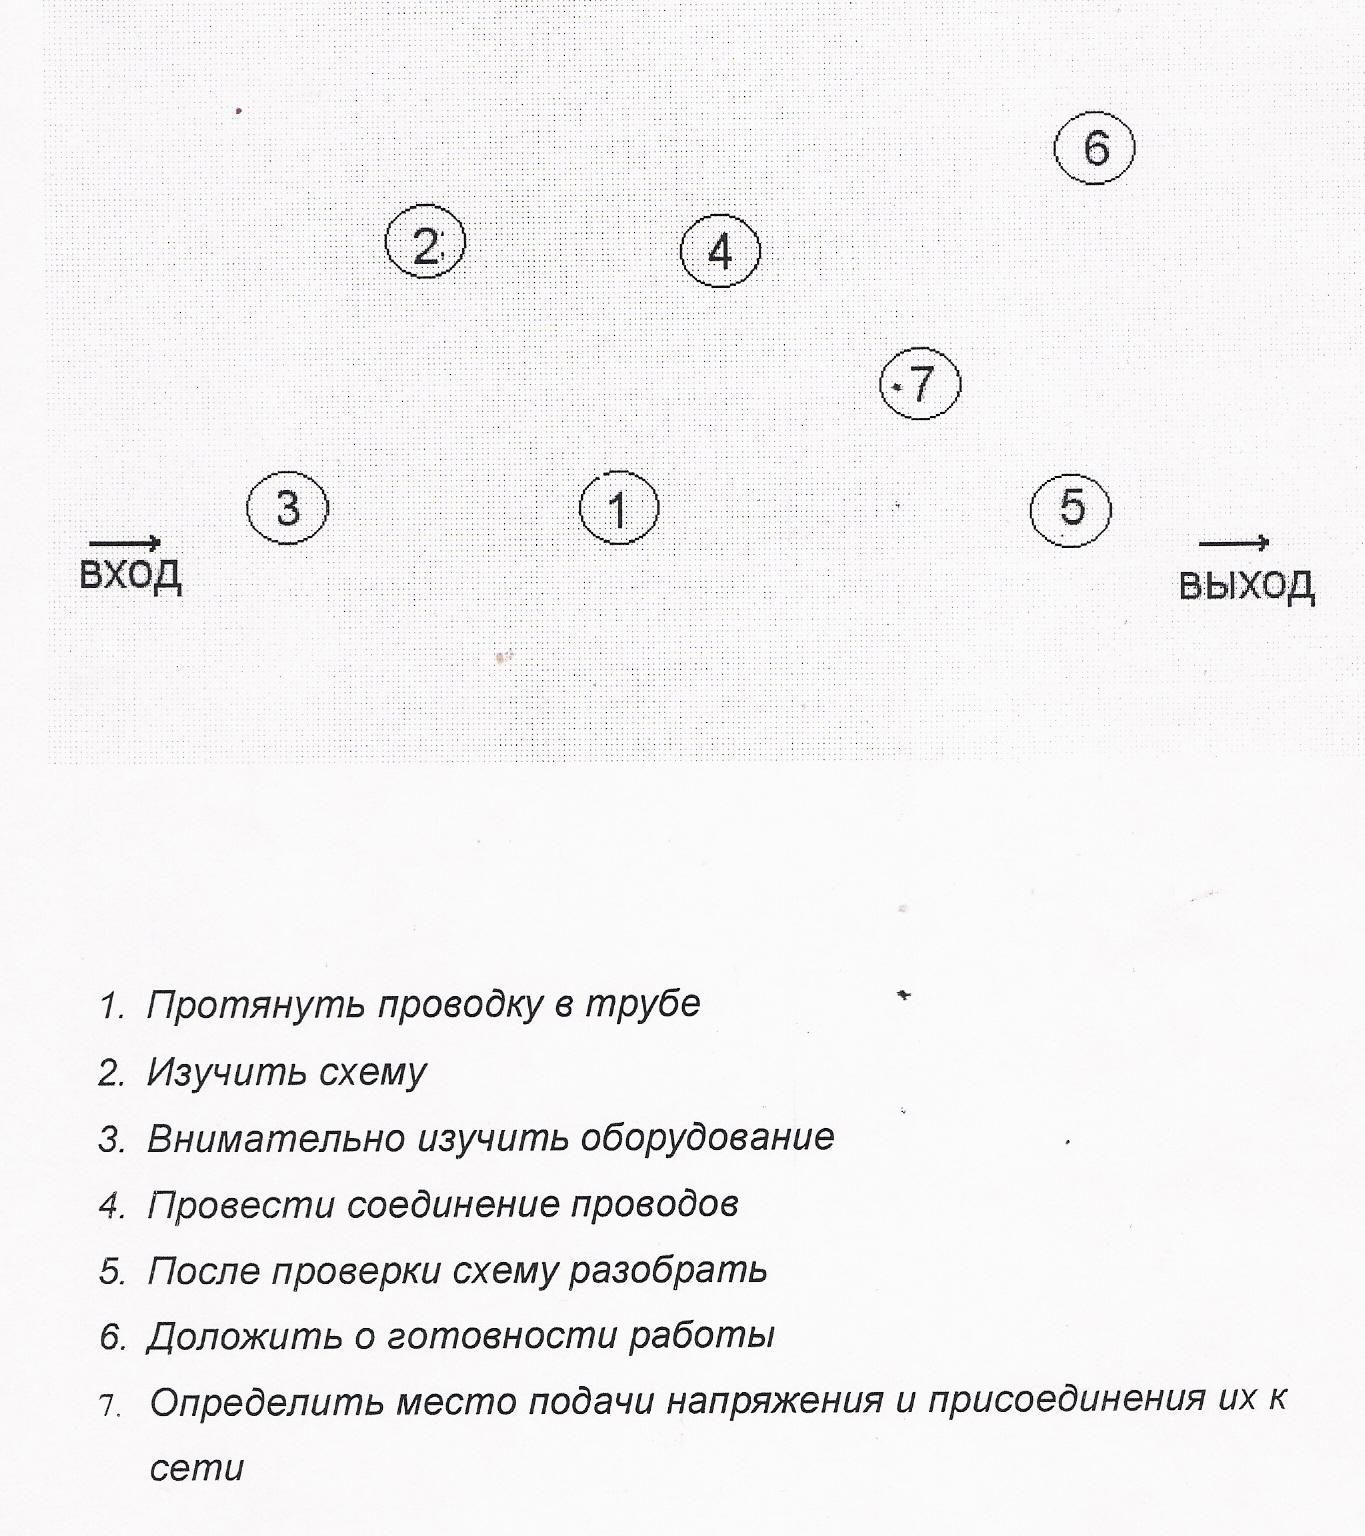 C:\Documents and Settings\Admin\Мои документы\Мои результаты сканировани\2011-11 (ноя)\сканирование0015.jpg